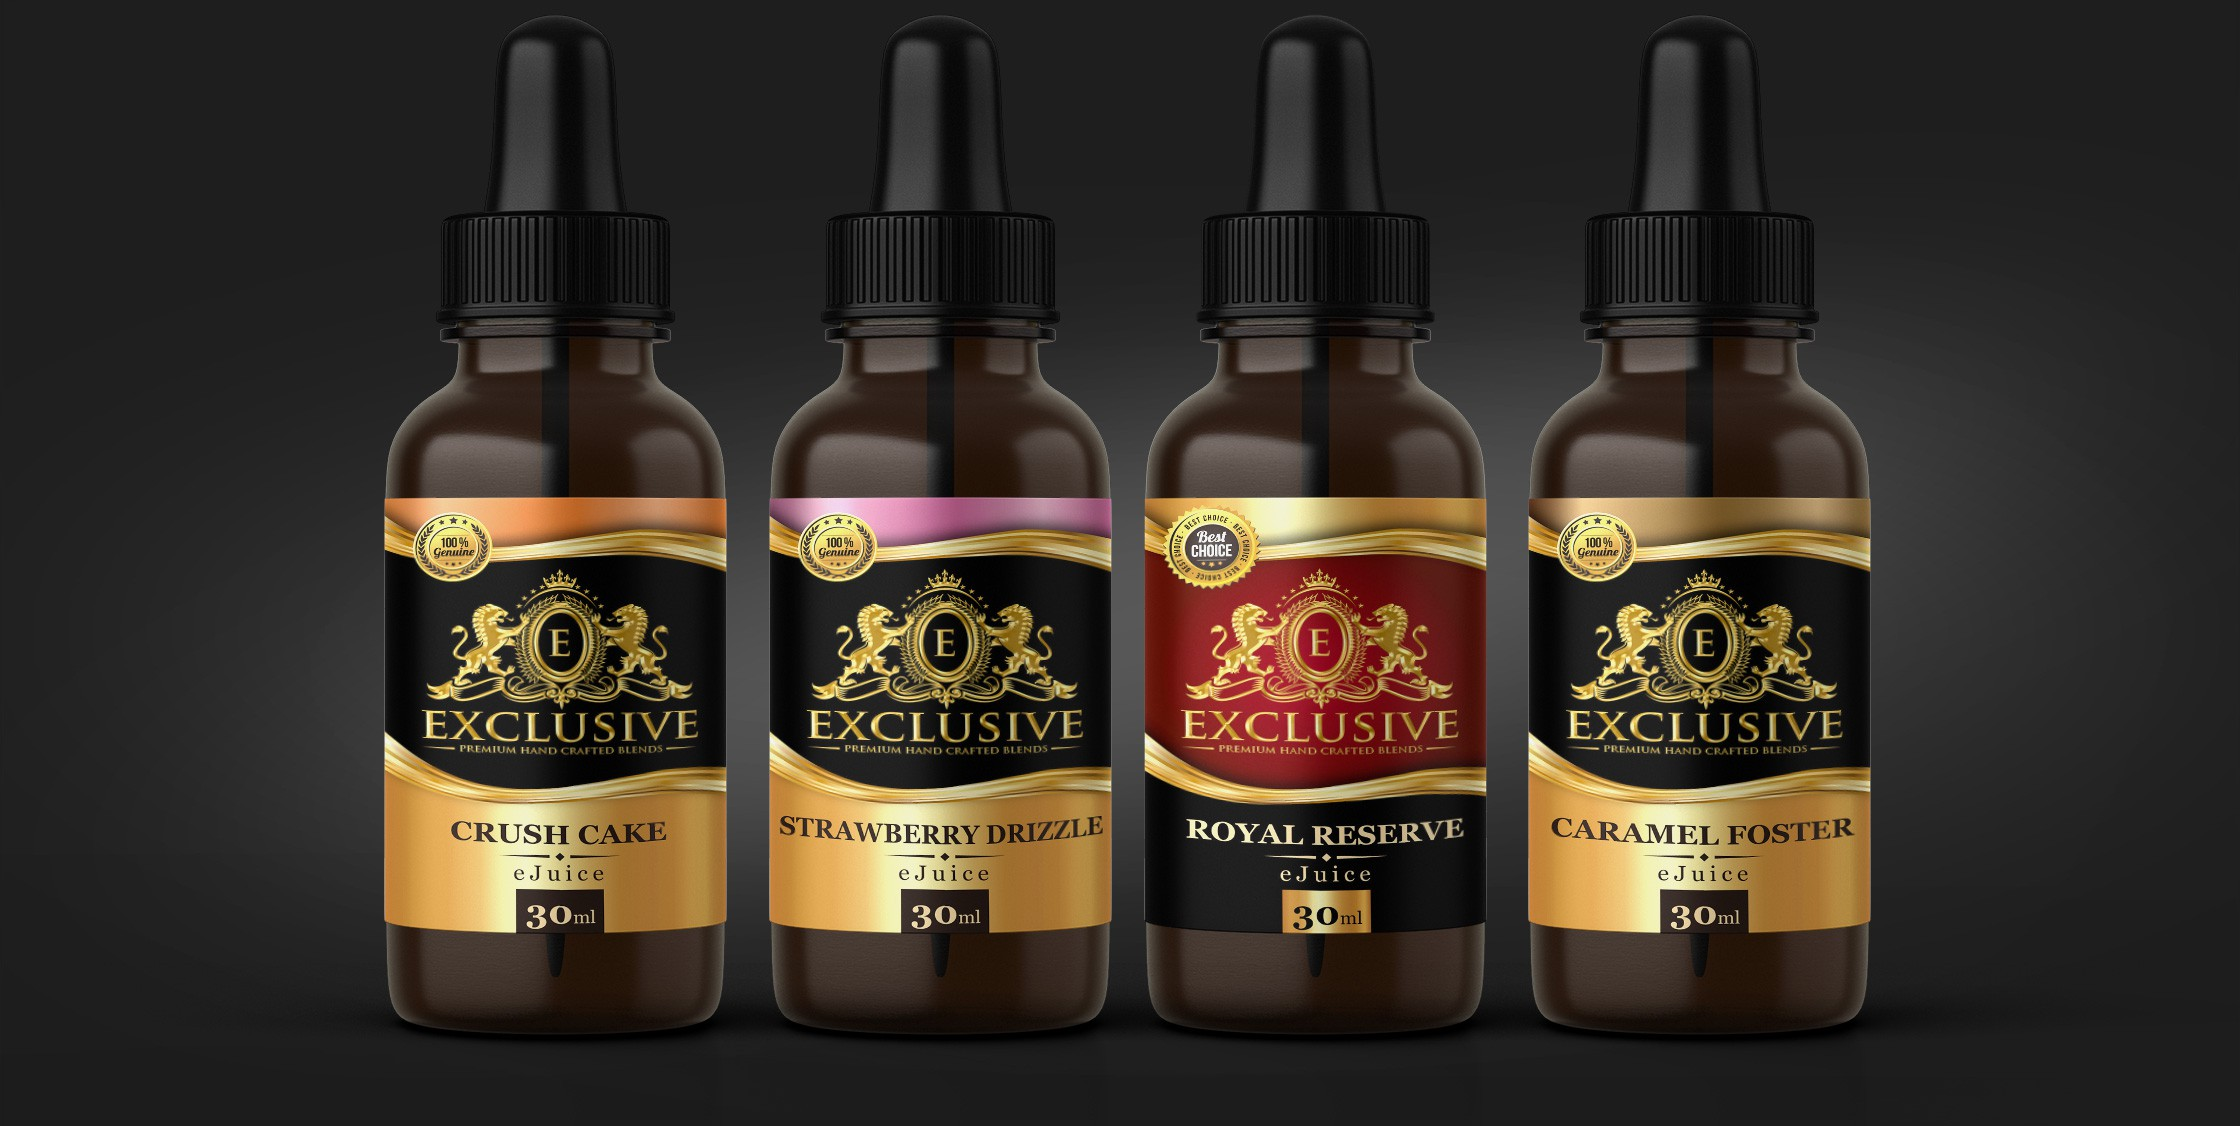 3d imaging on bottles